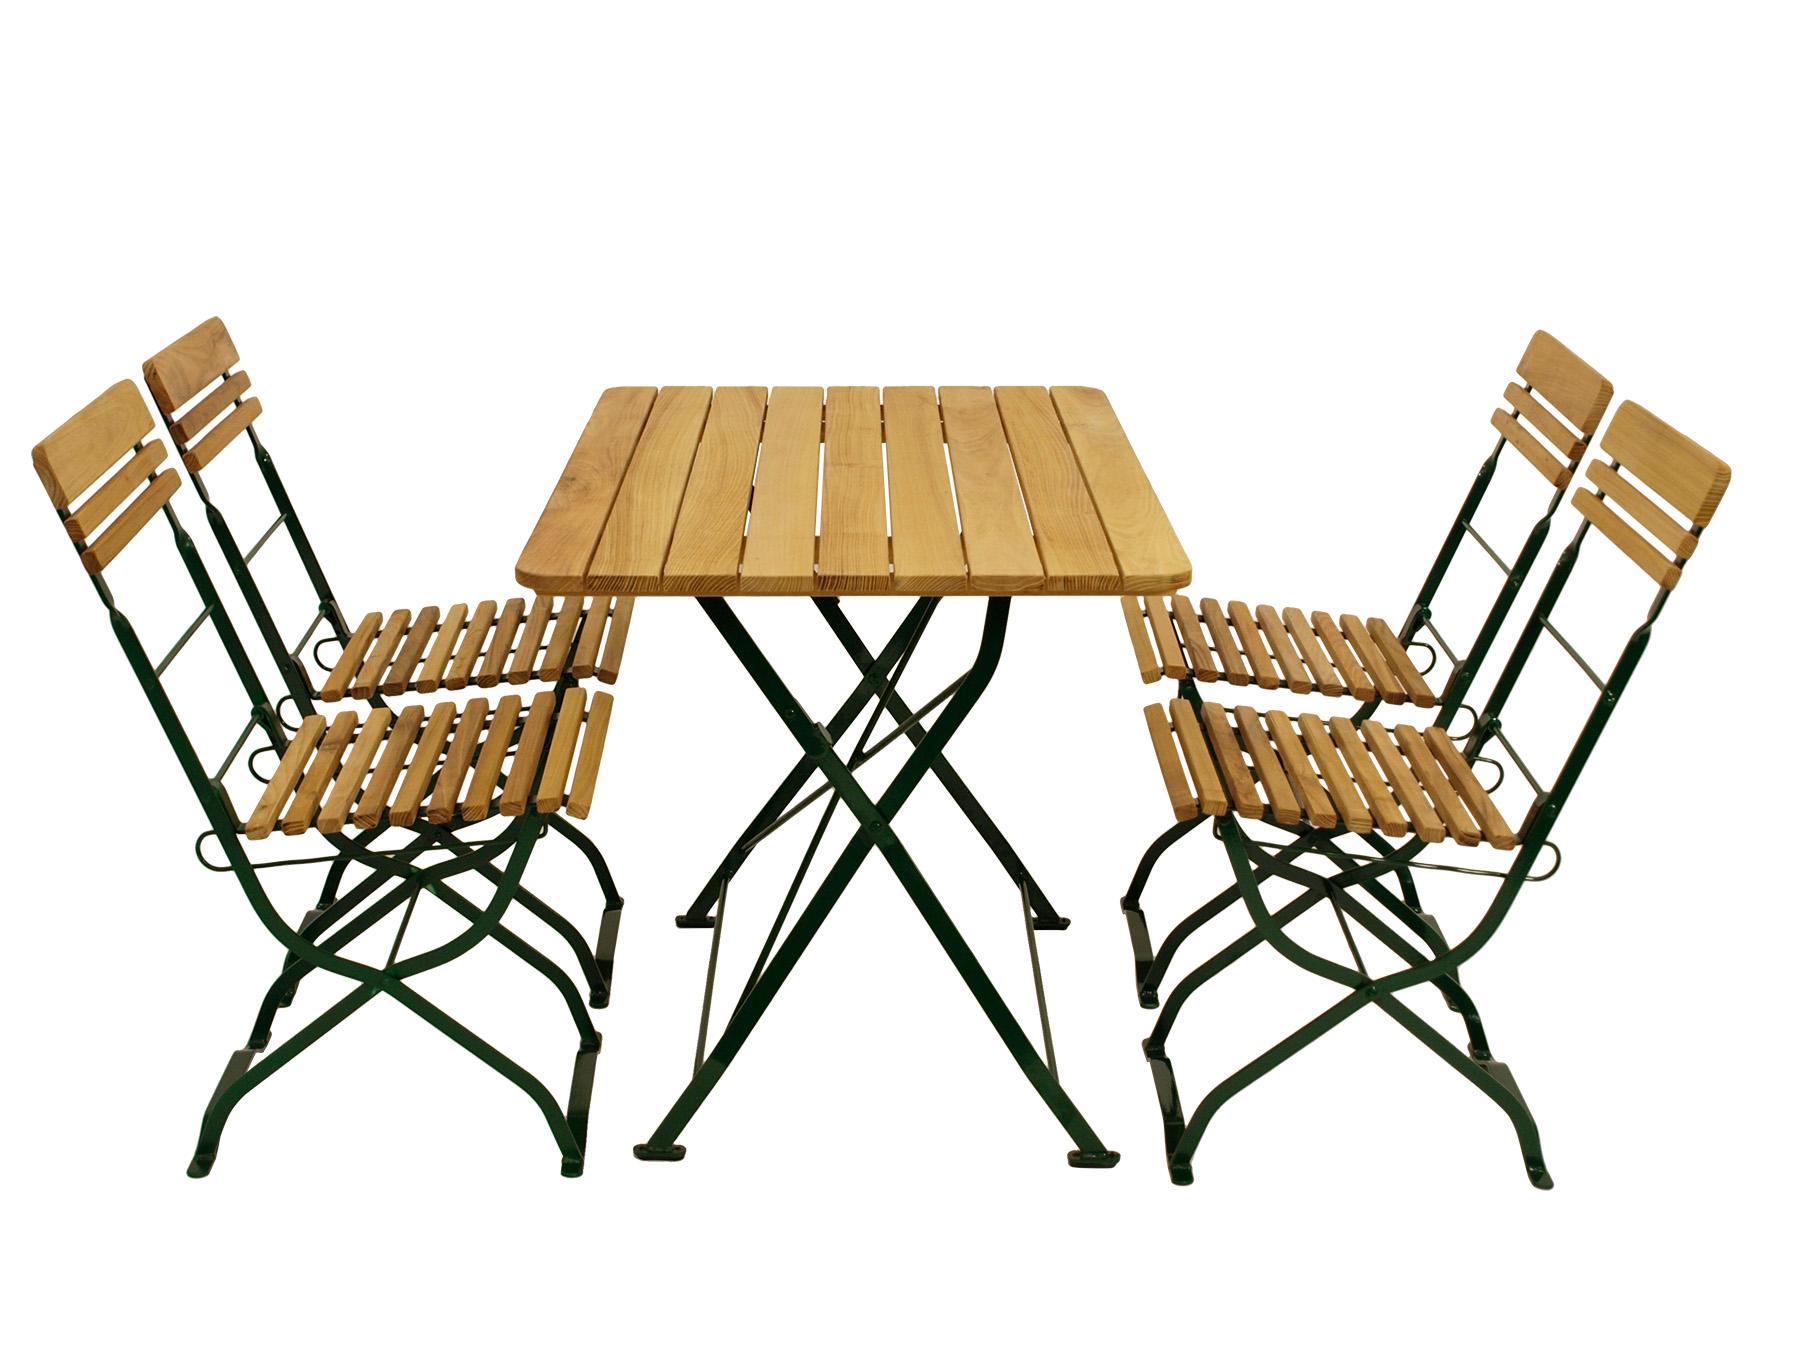 5 teiliges biergarten set biergartengarnitur m nchen flachstahl gr n robinie ebay. Black Bedroom Furniture Sets. Home Design Ideas